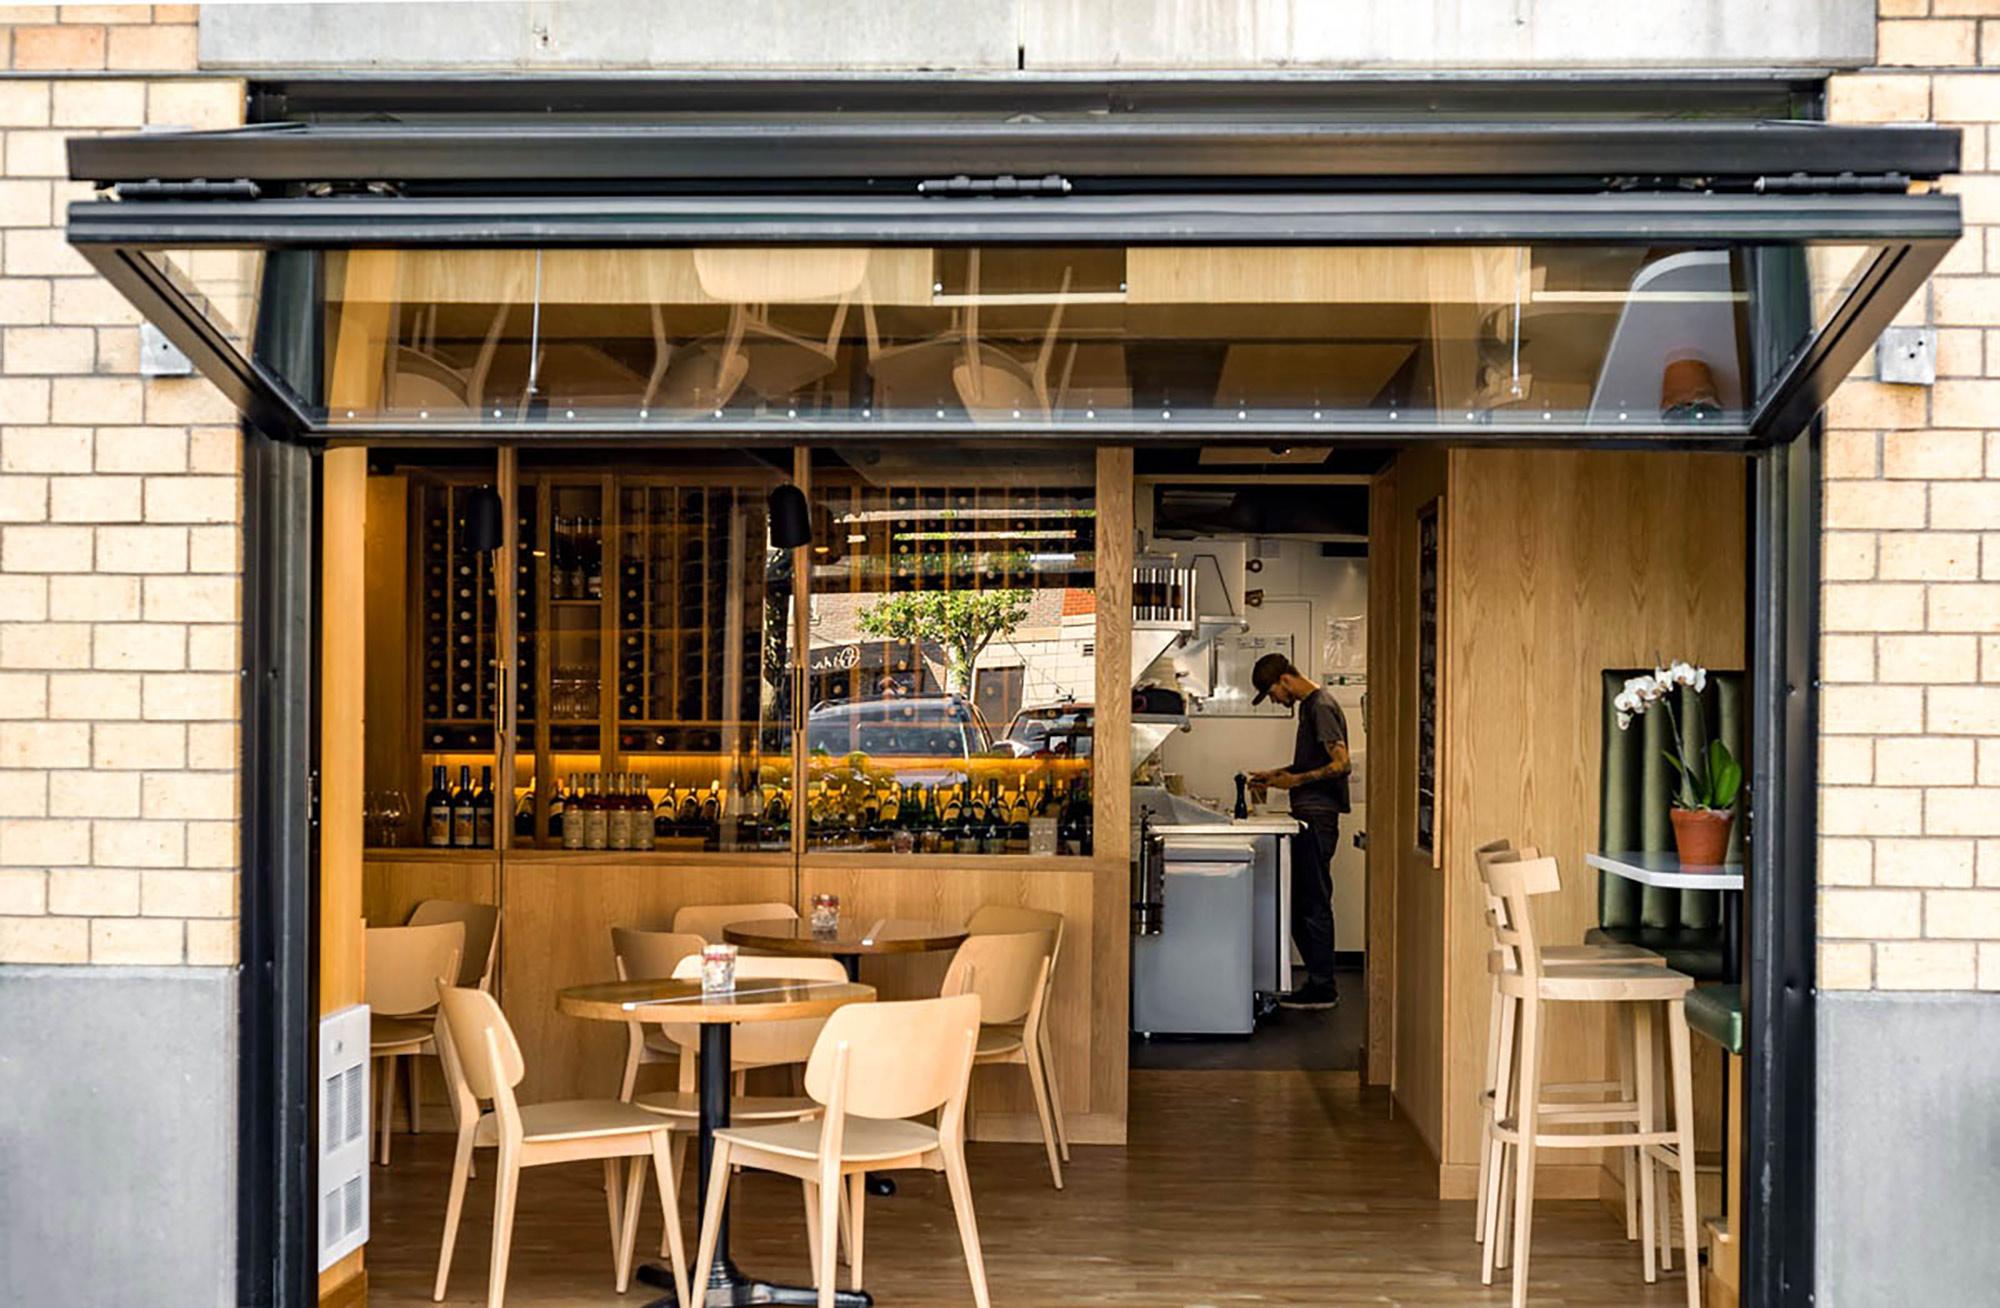 interior-design-halifax-restaurant-open-window.jpg